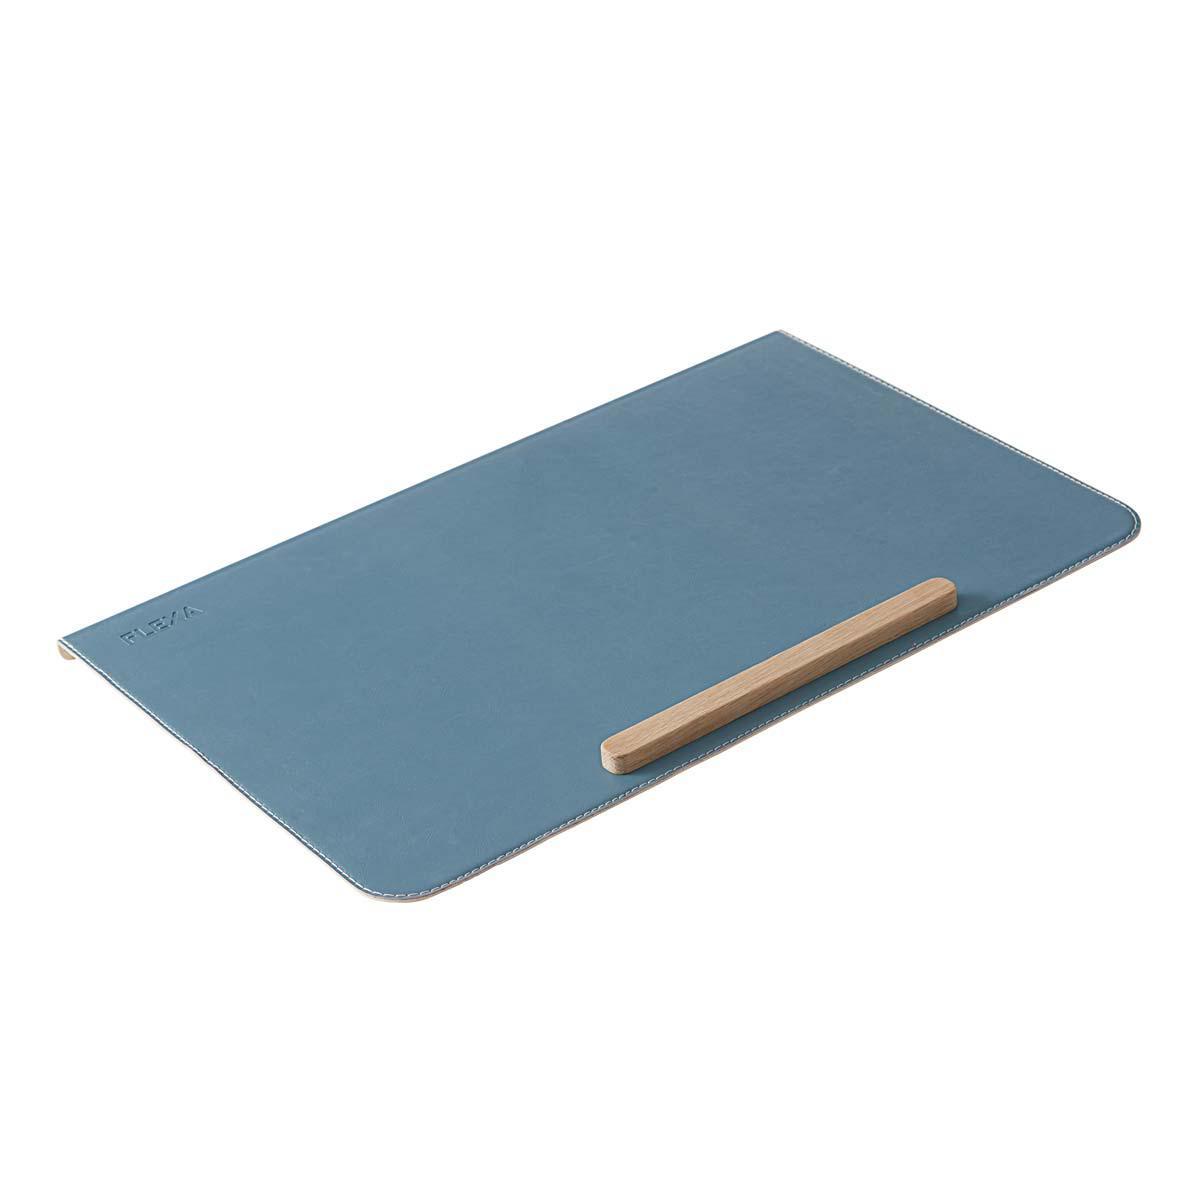 Schreibtischunterlage Kunstleder STUDY Flexa blau